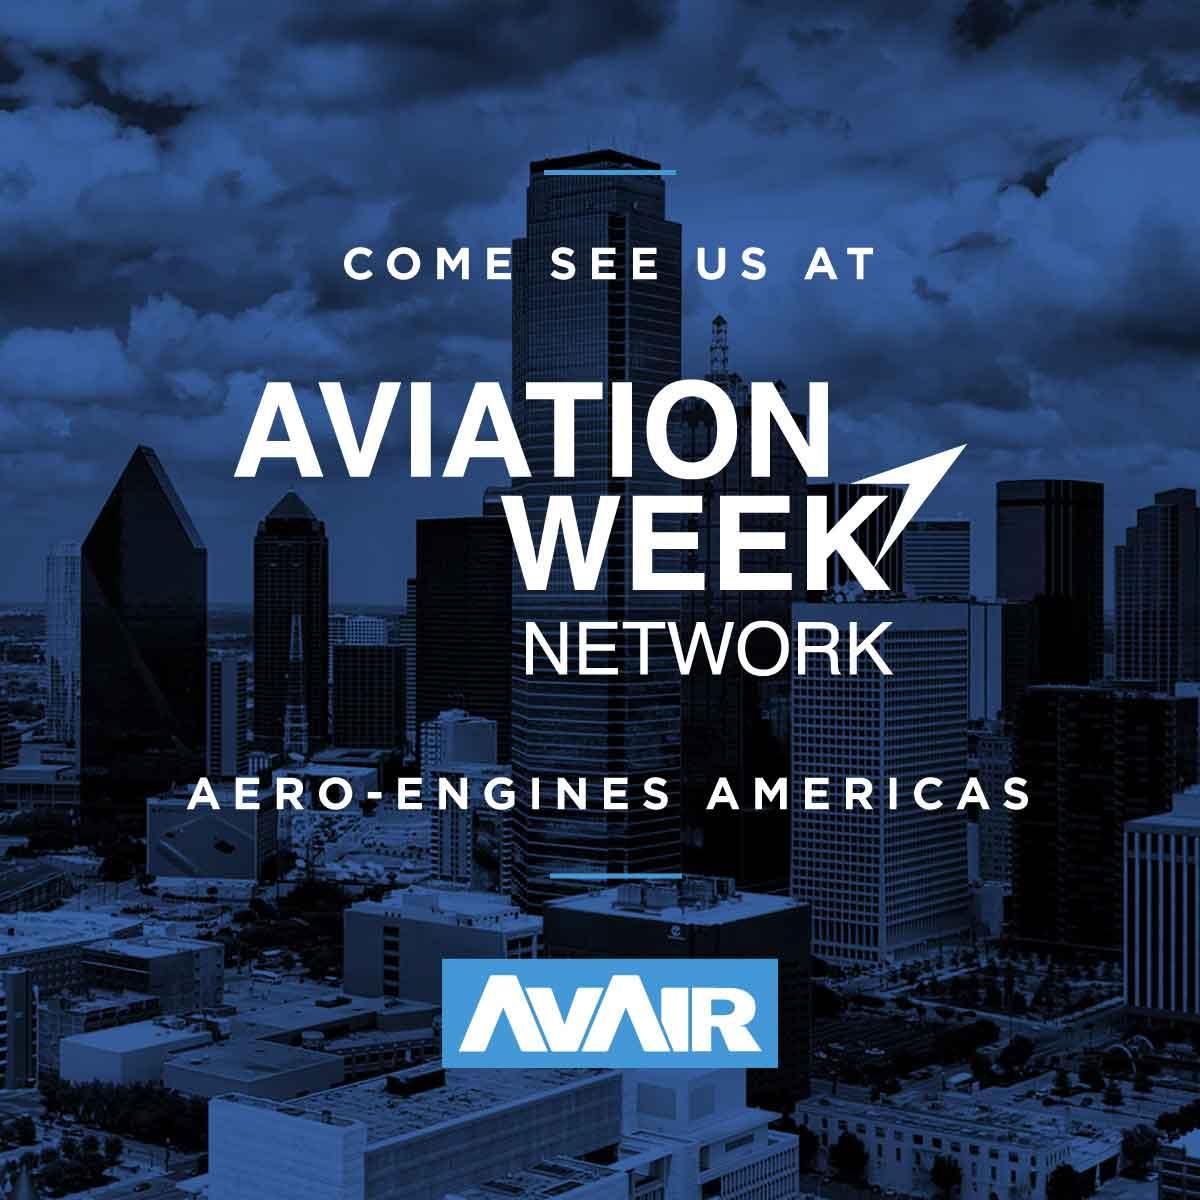 AvAir_AeroEnginesAmericas_Social-sr01232019